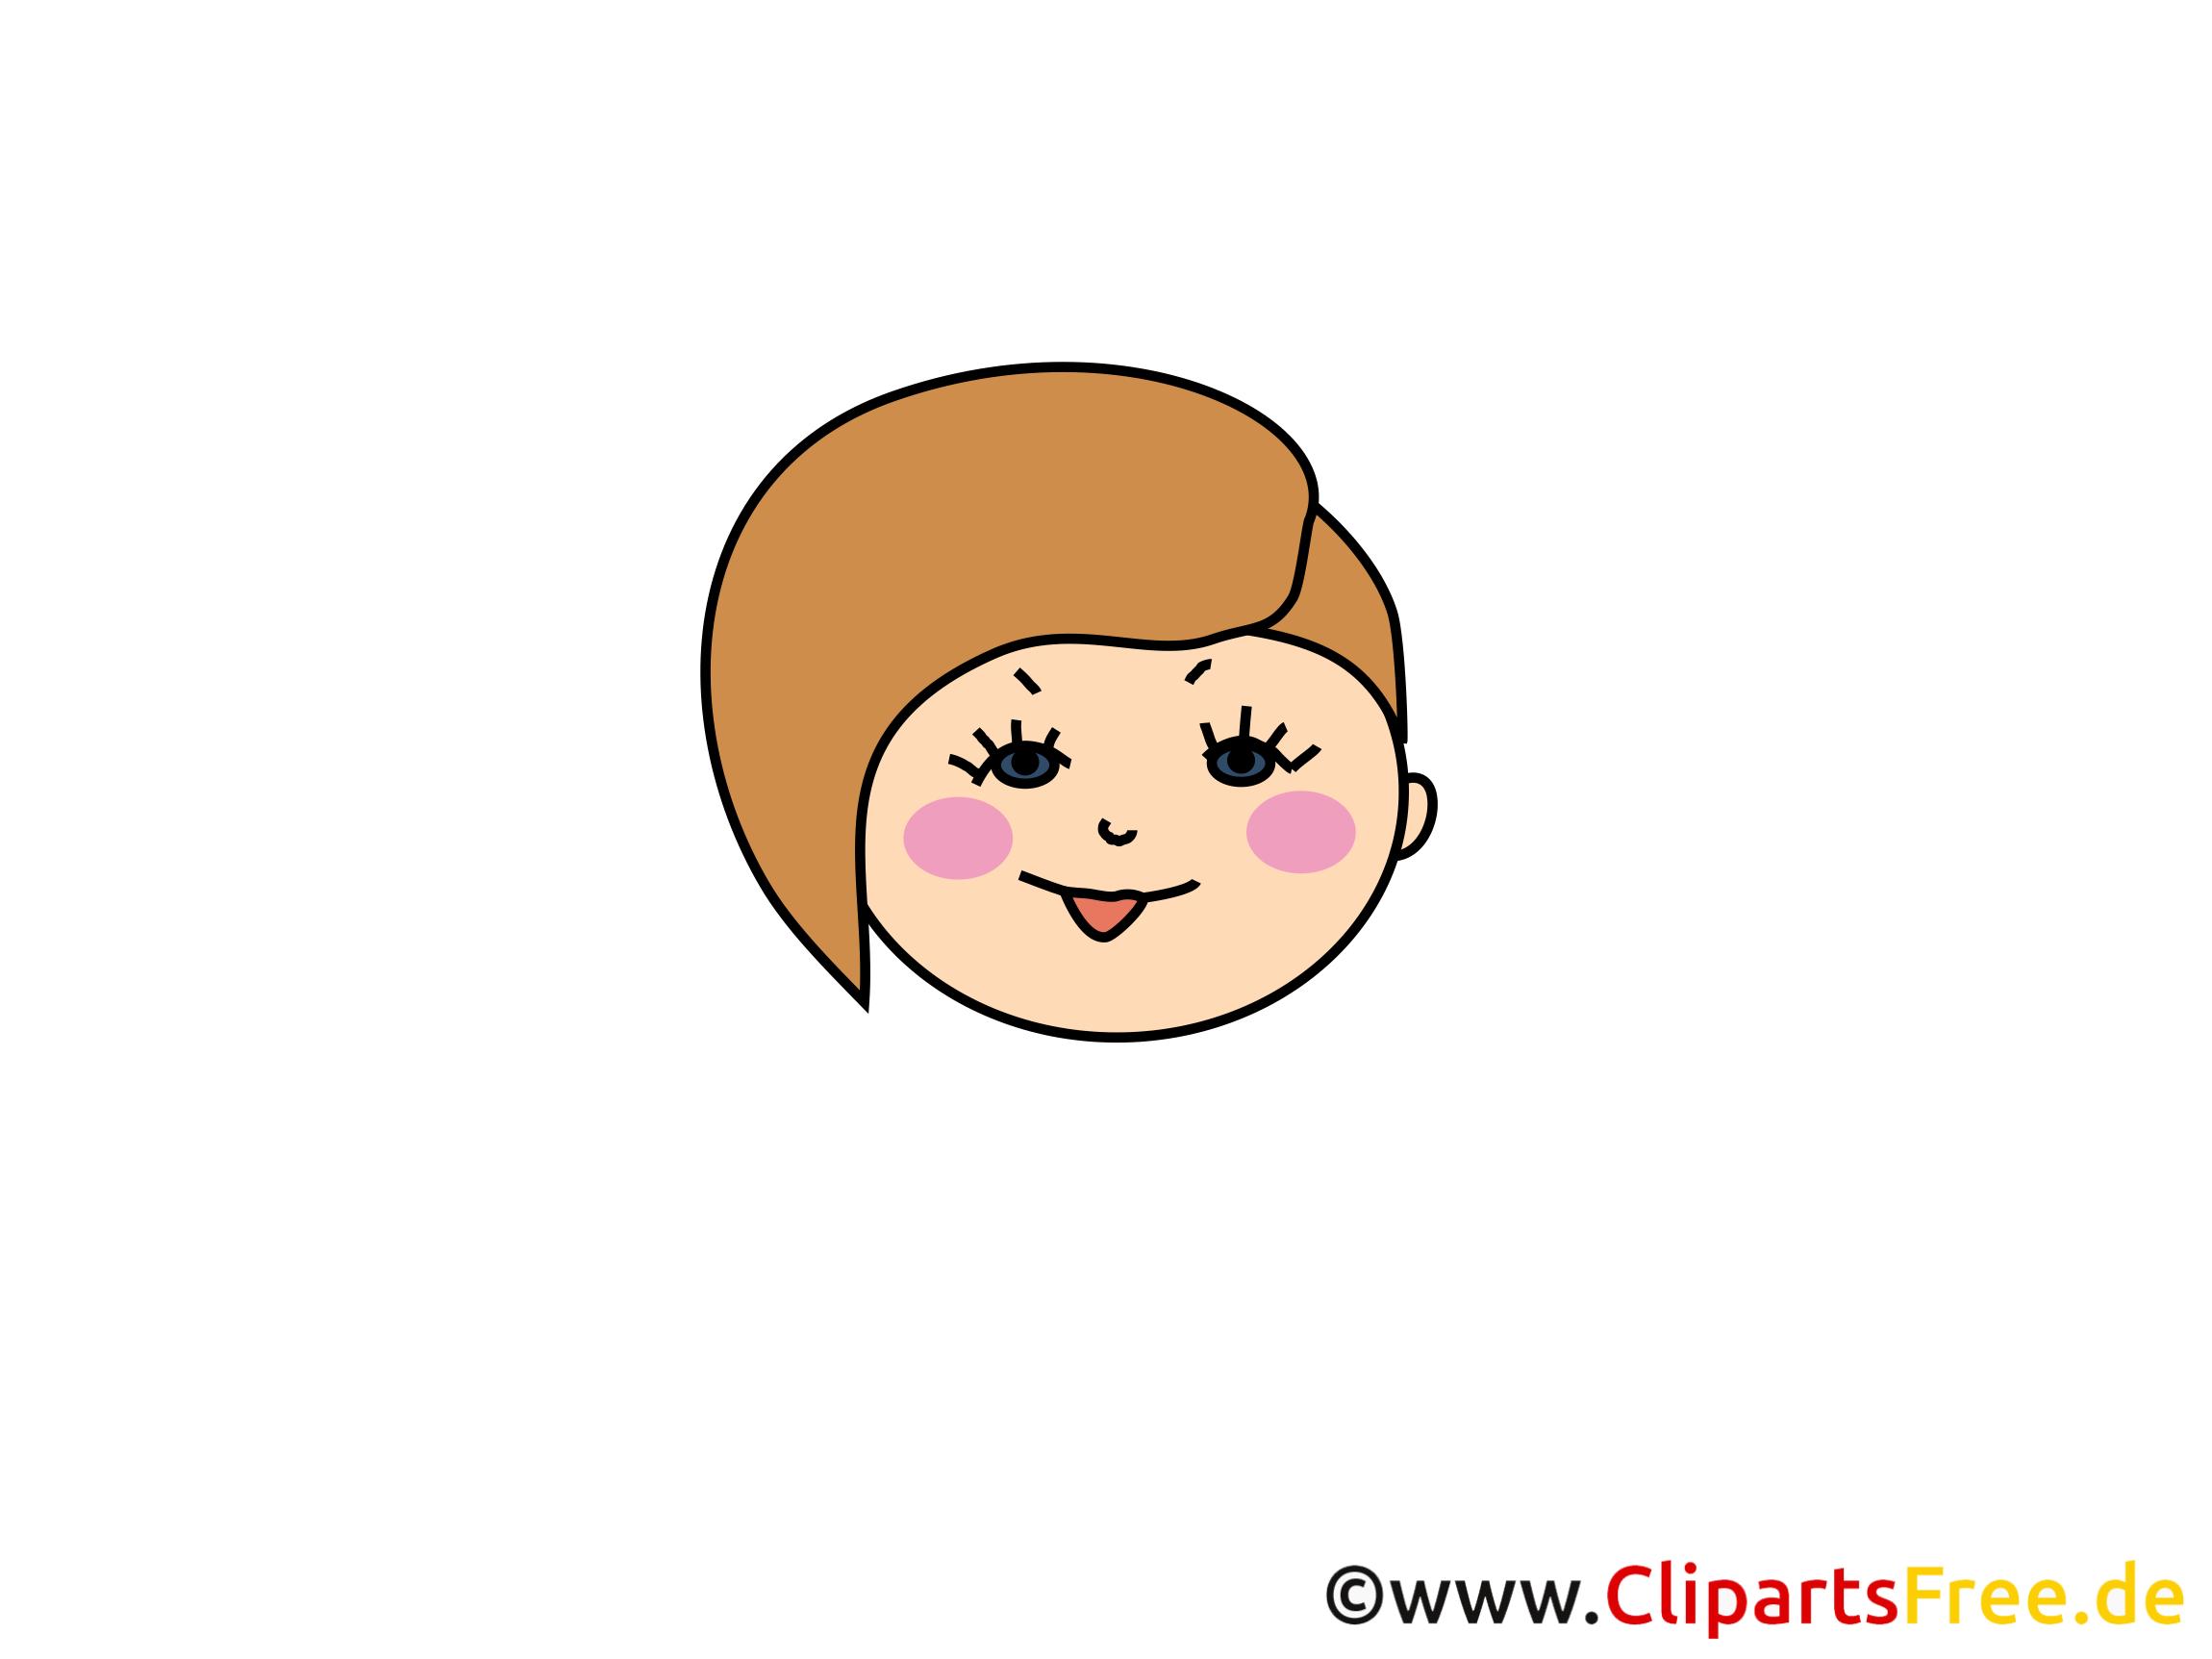 Clipart femme – Émoticônes dessins gratuits